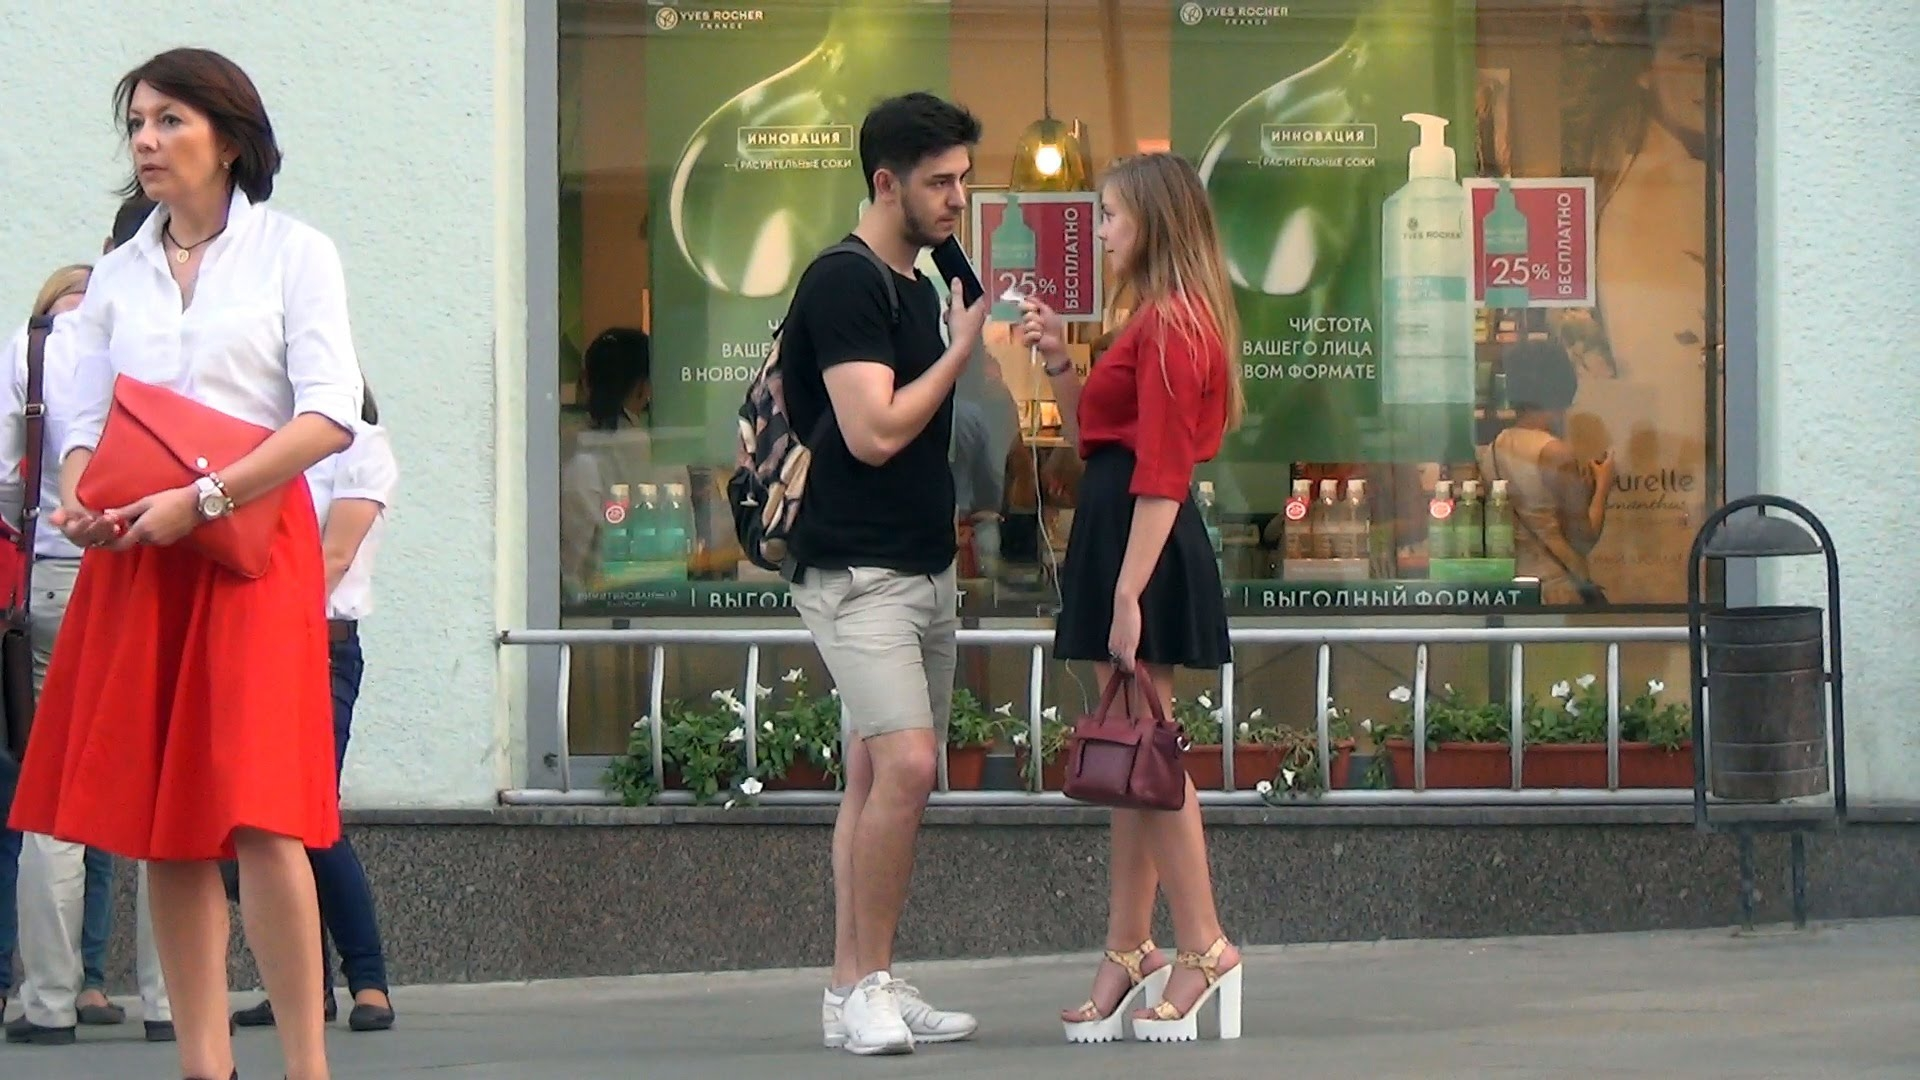 Открывашки в интернете знакомство секс знакомства парами тольятти